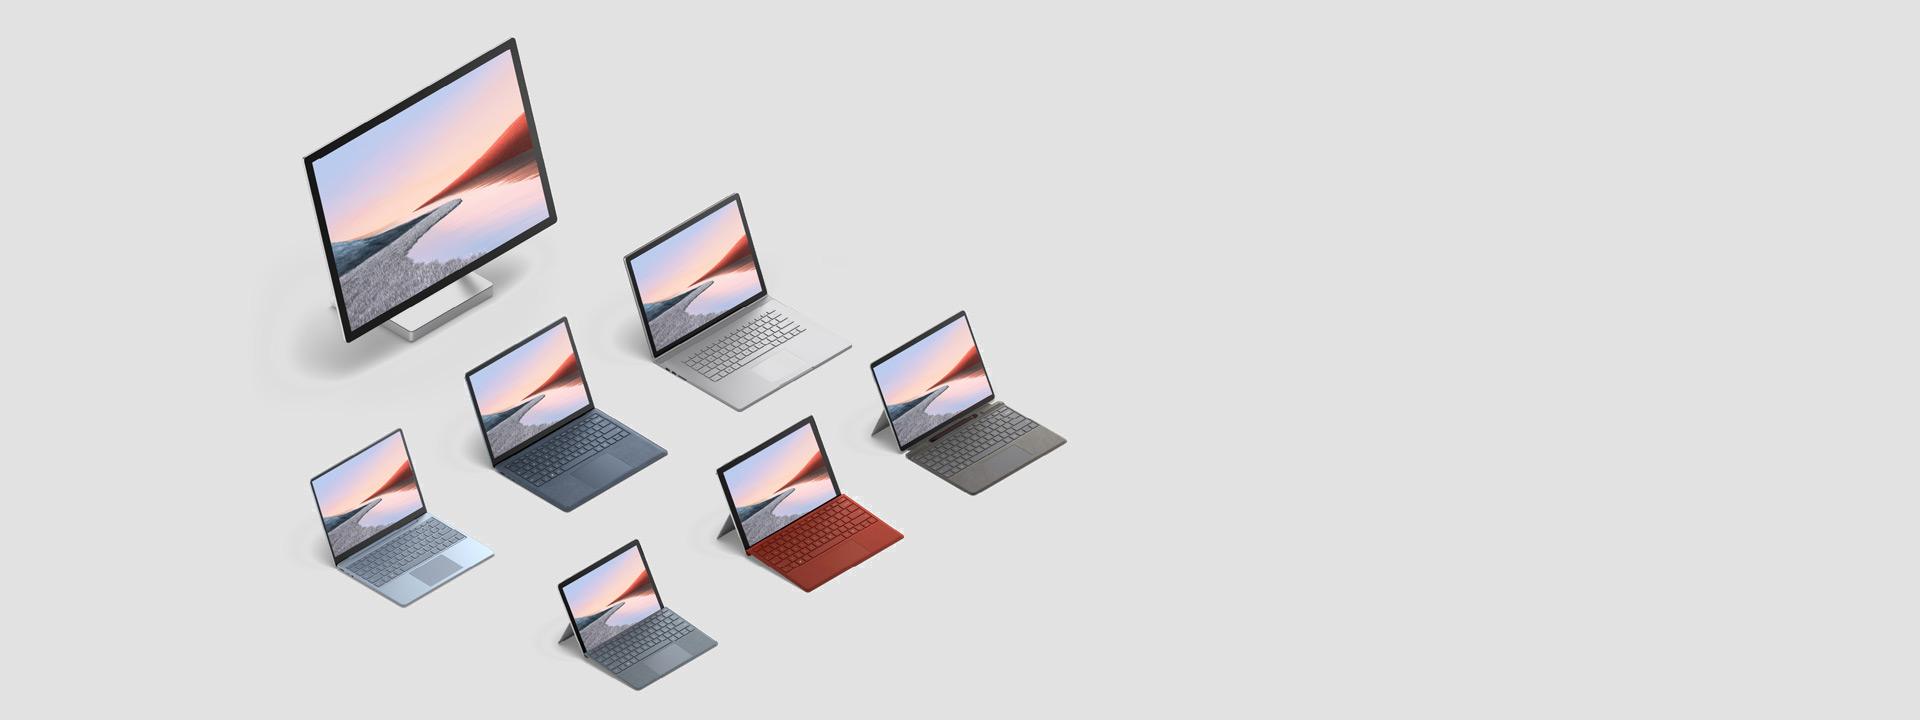 新しい Surface シリーズ